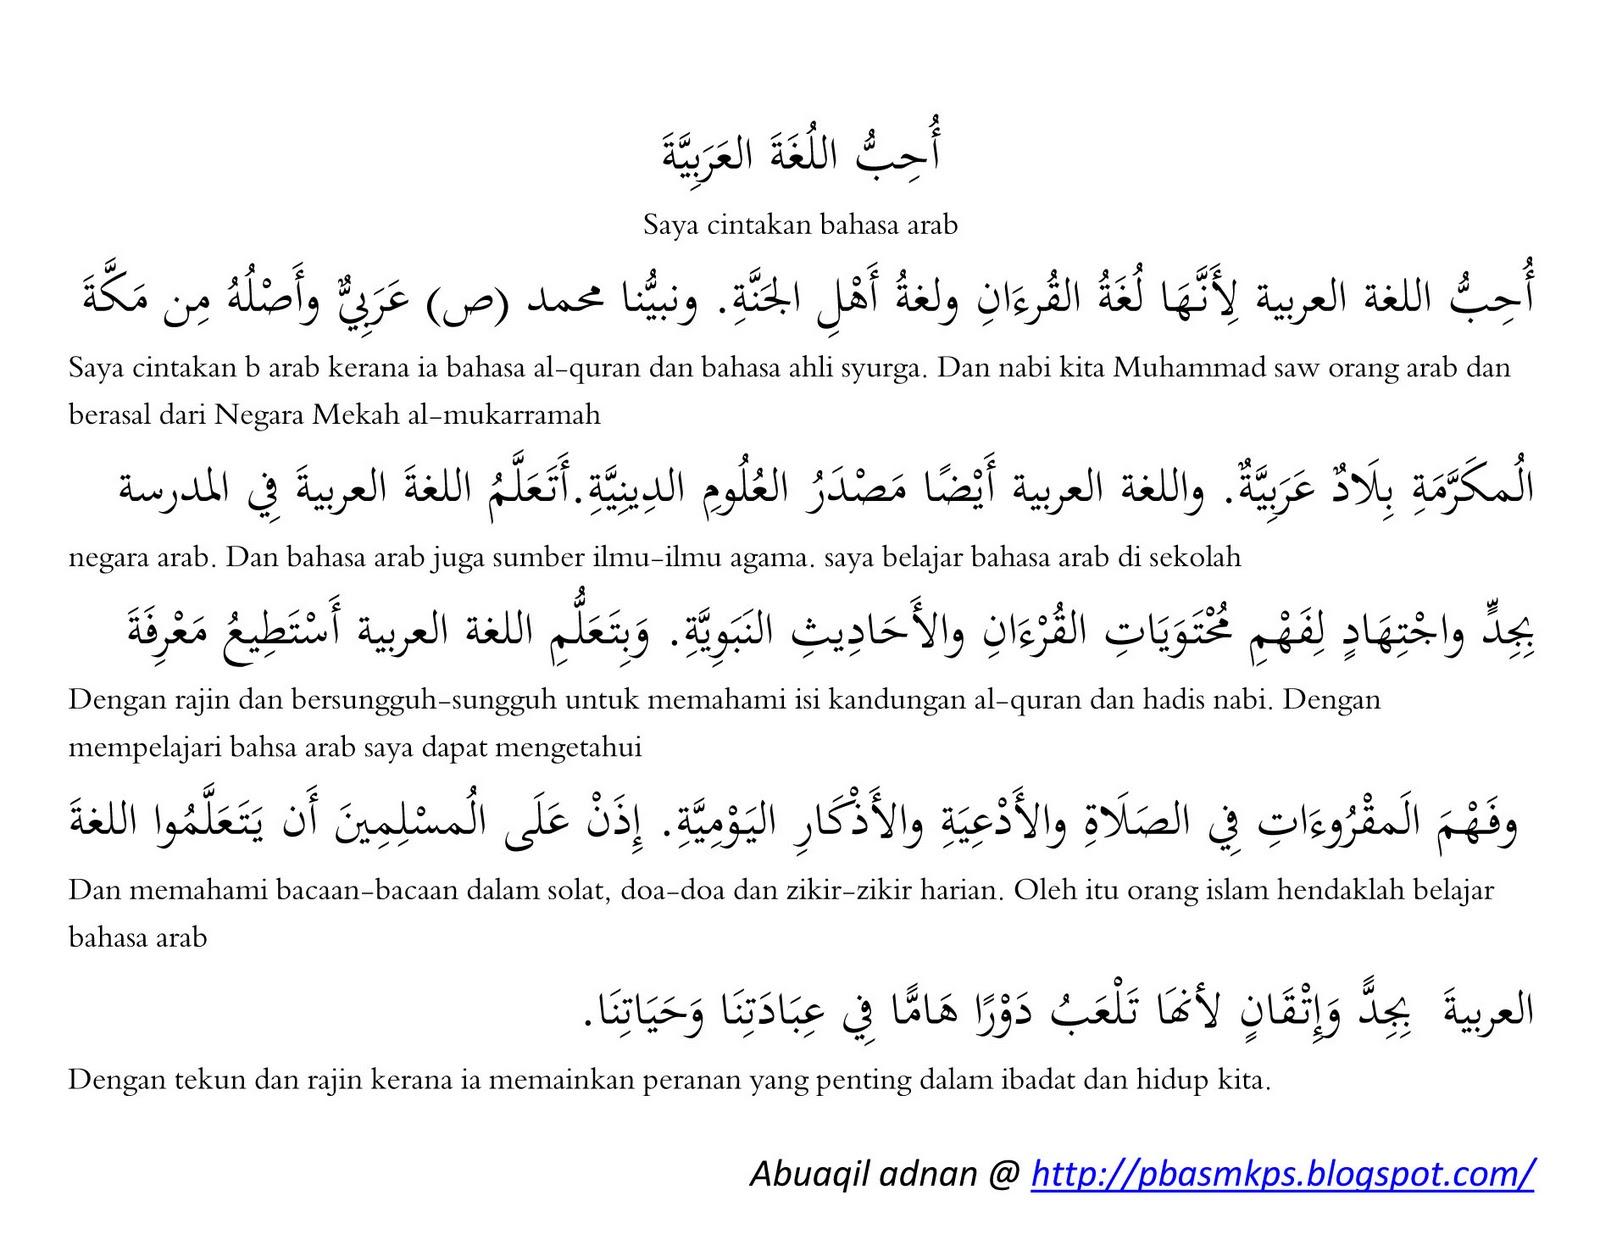 Contoh Teks Pidato Singkat Bahasa Arab  newhairstylesformen2014.com